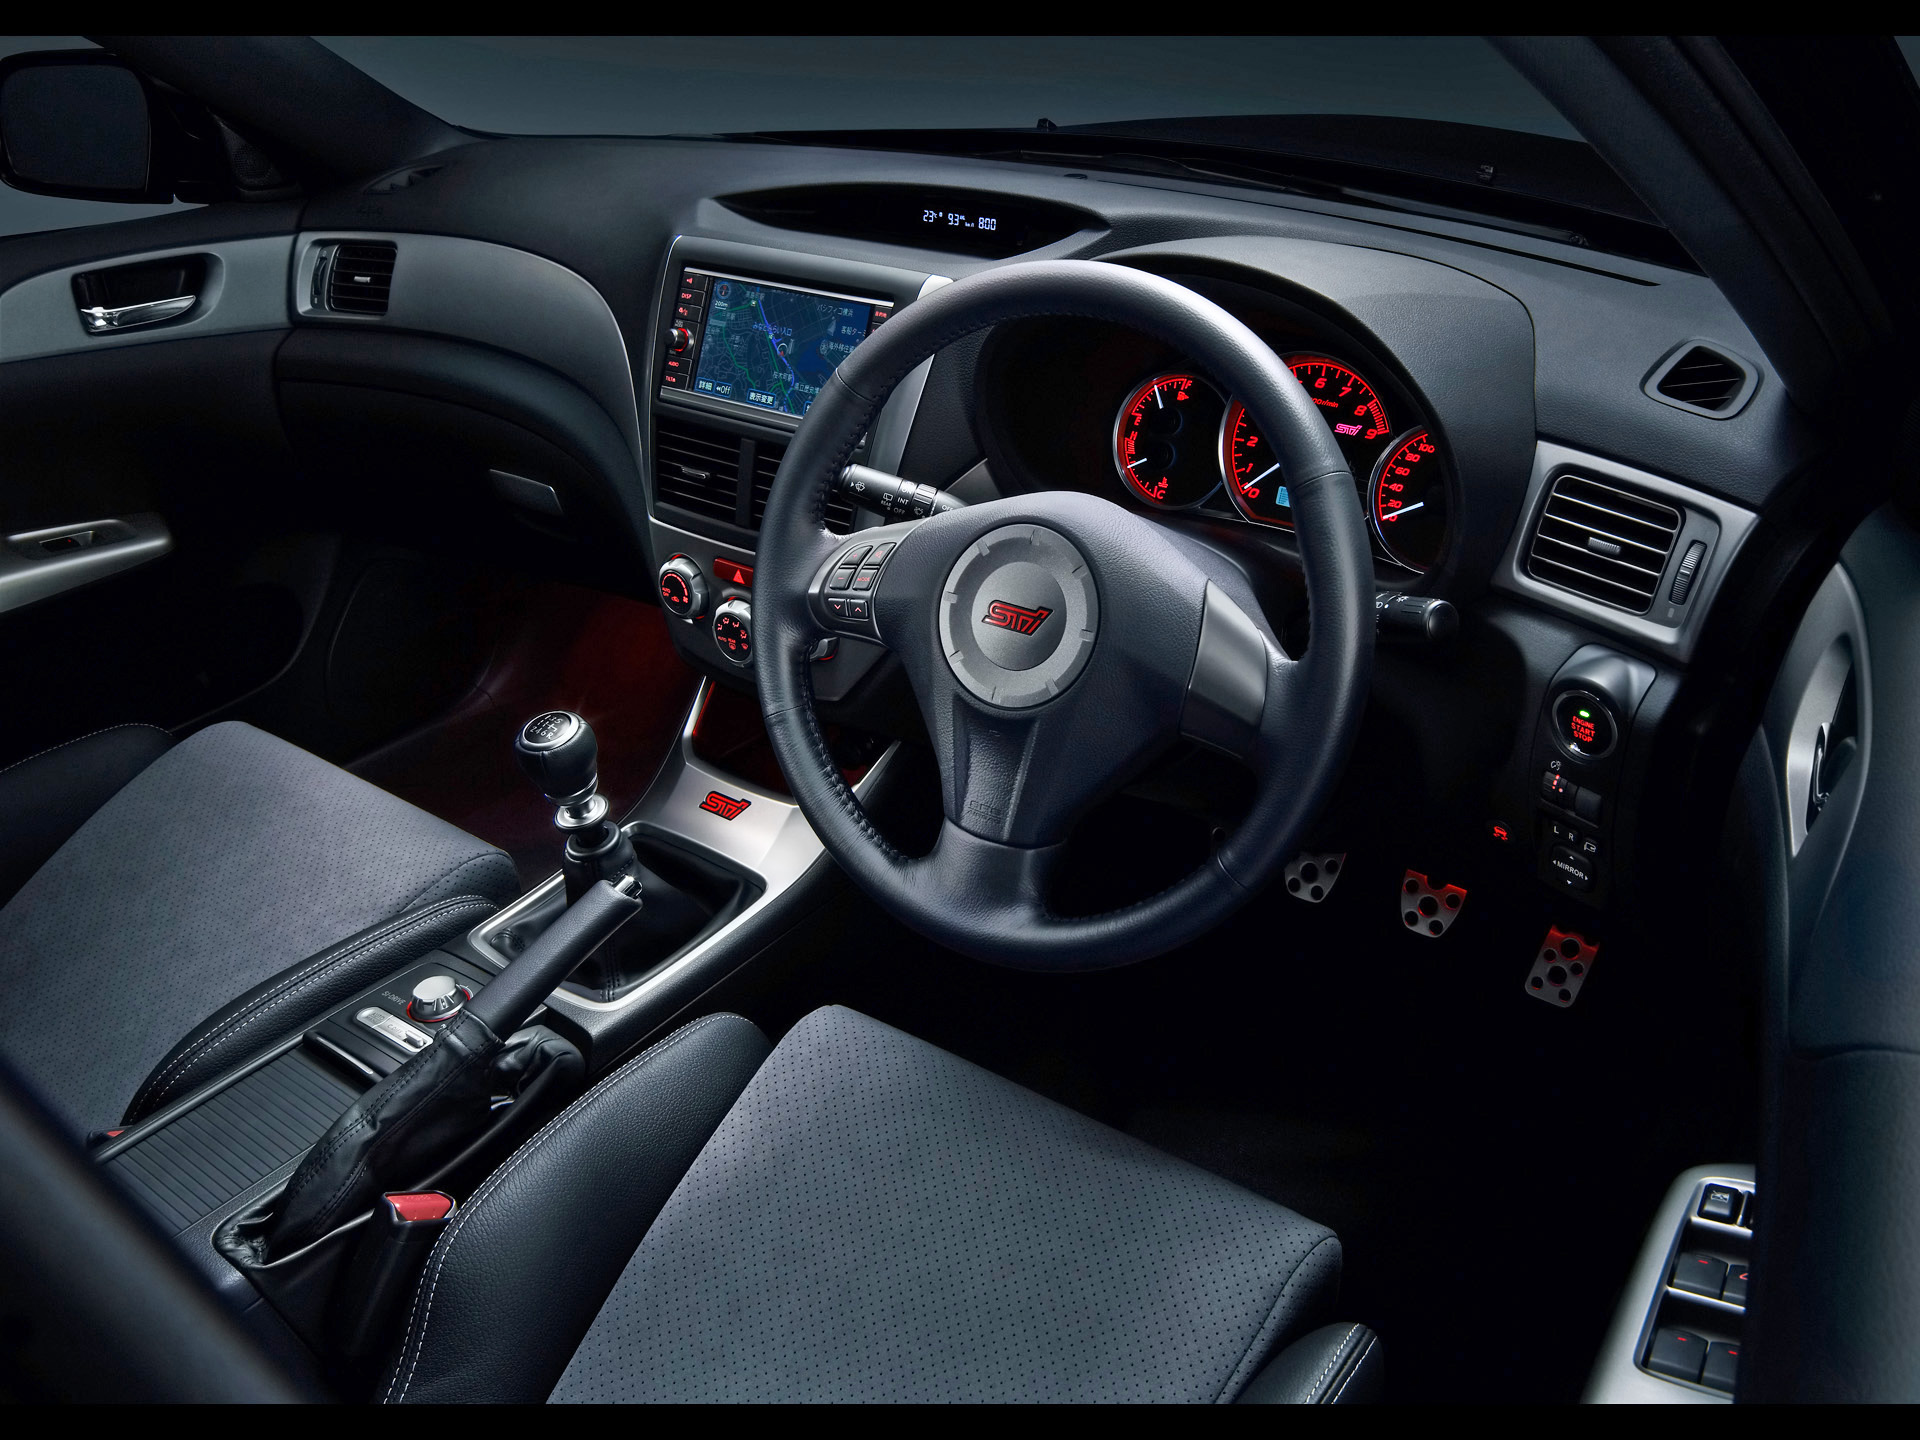 2008 Subaru Impreza Wrx Sti 1920x1440 4 Tapety Na Pulpit